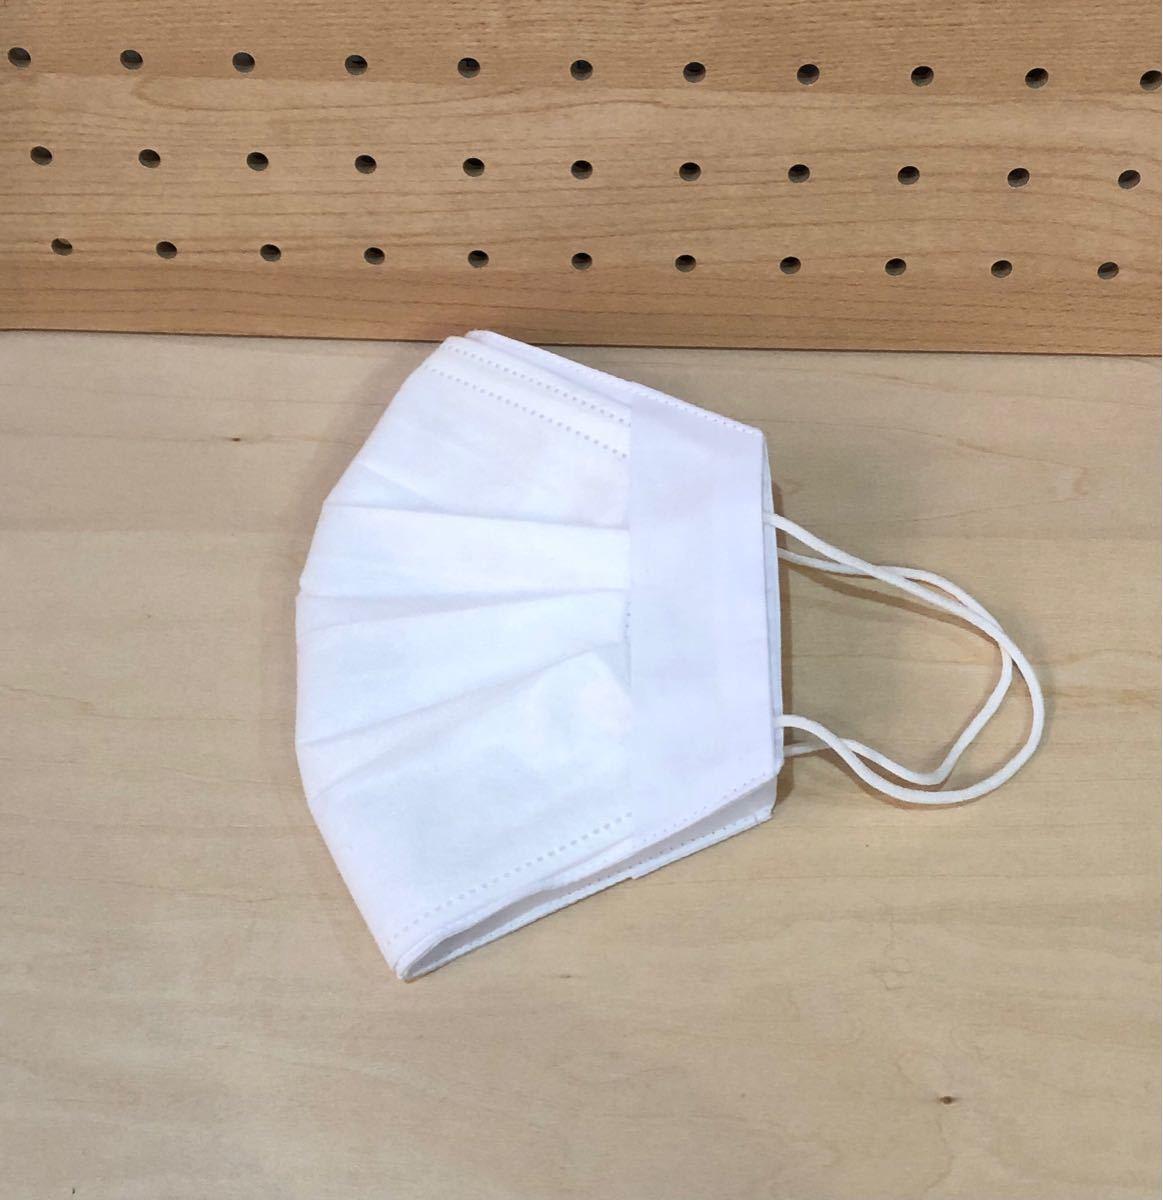 【2枚セット】不織布カバー 白 無地 普通サイズ ハンドメイド立体カバー ハンドメイド立体インナー